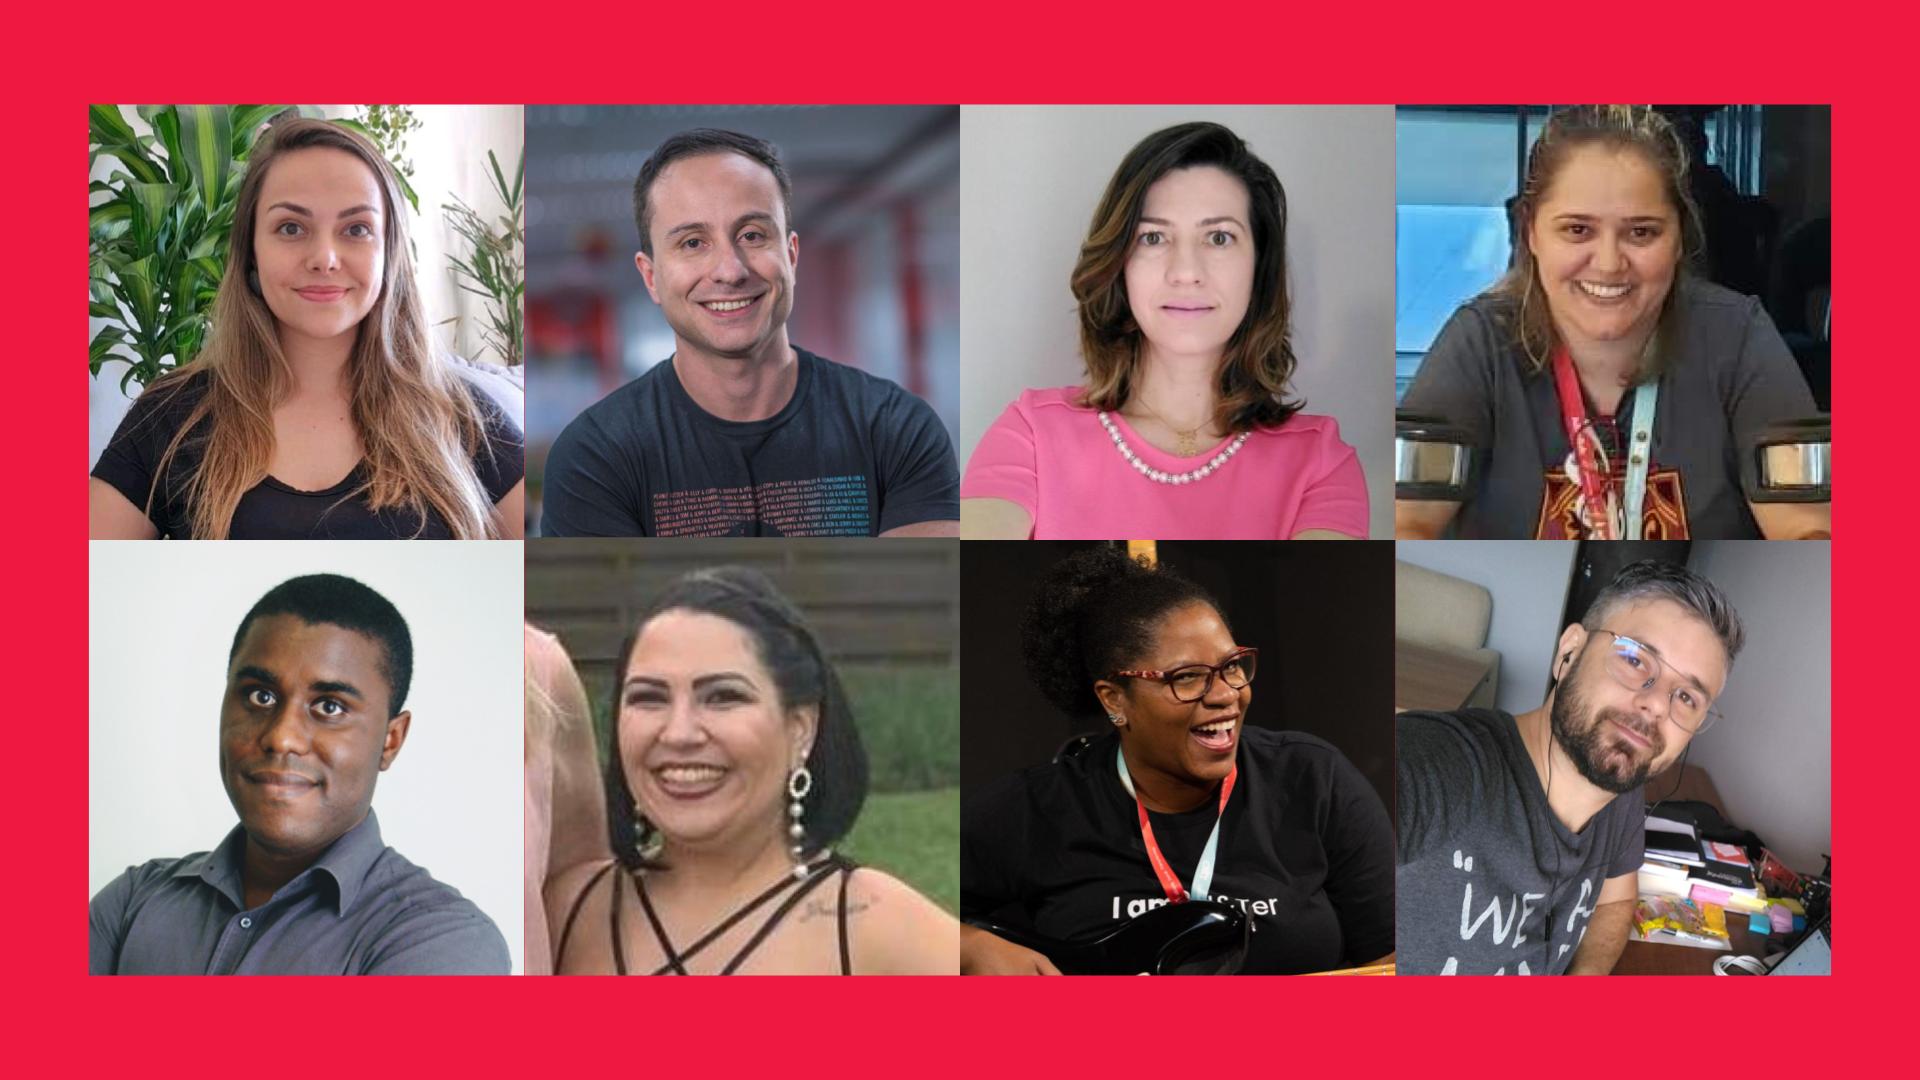 Fotos de algumas lideranças dos grupos de ação